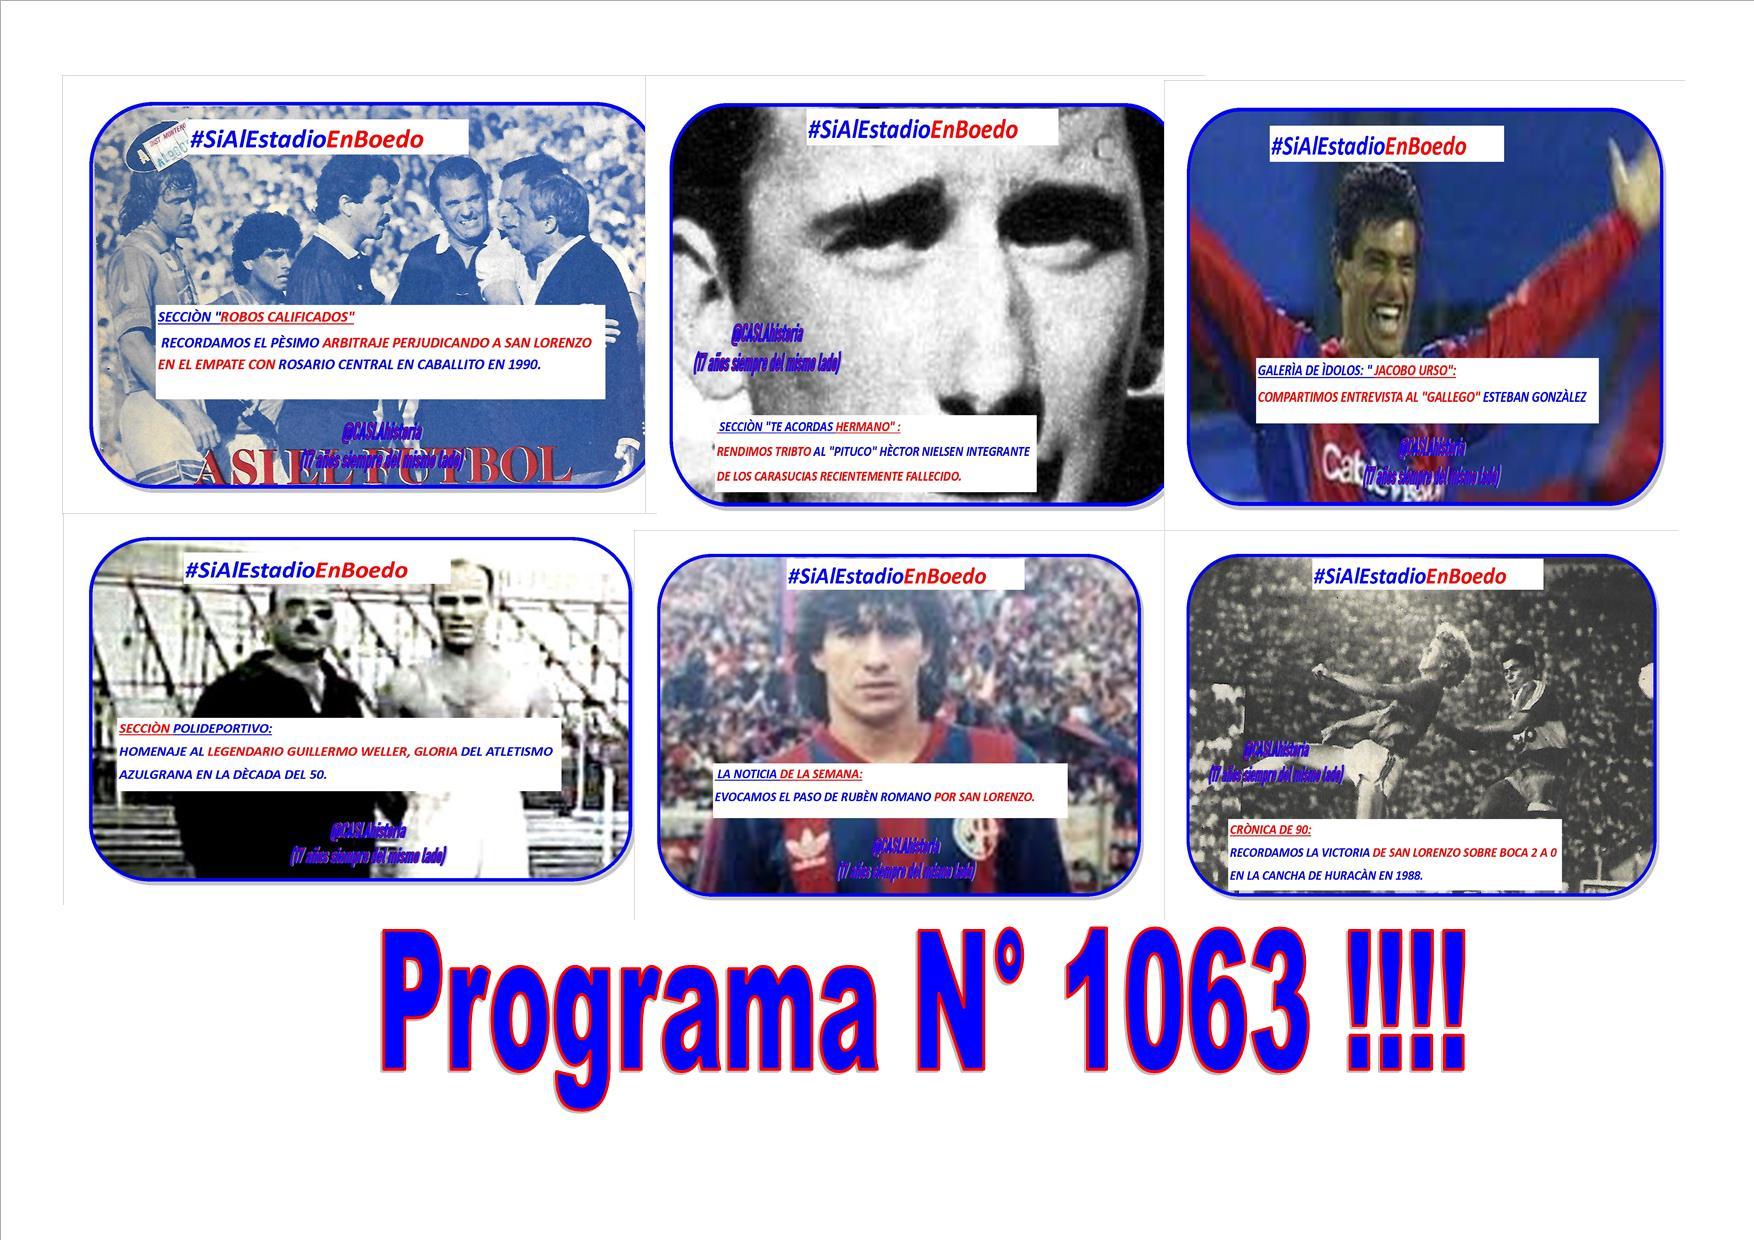 Programa N° 1063 !!!! «Gallego Gonzalez, Victoria en la quema, choreo en Caballito, Nielsen,Romano y Weller»